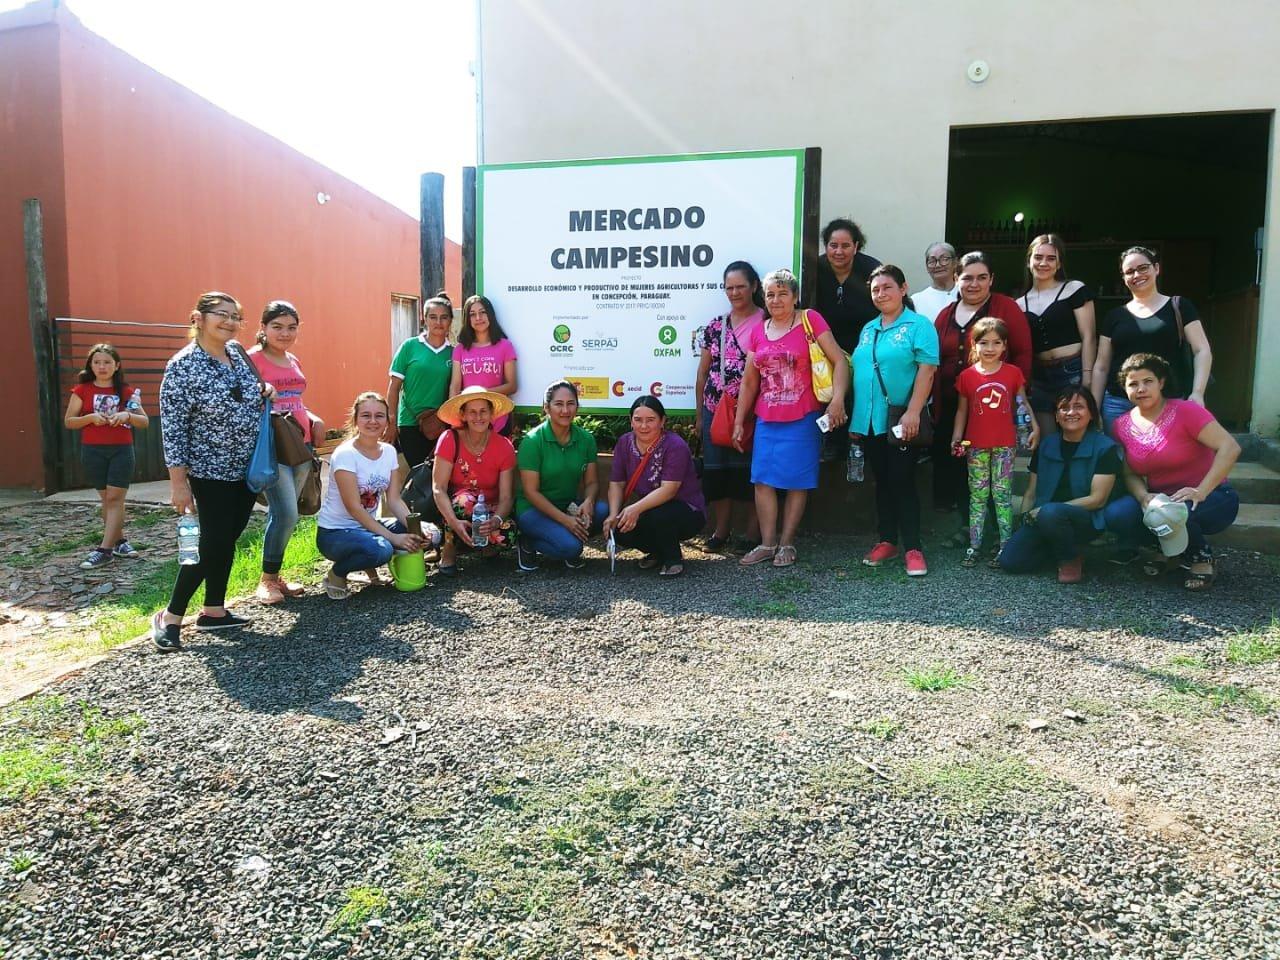 Intercambio de experiencia entre organizaciones campesinas en un proyecto que apoya la Cooperación Española